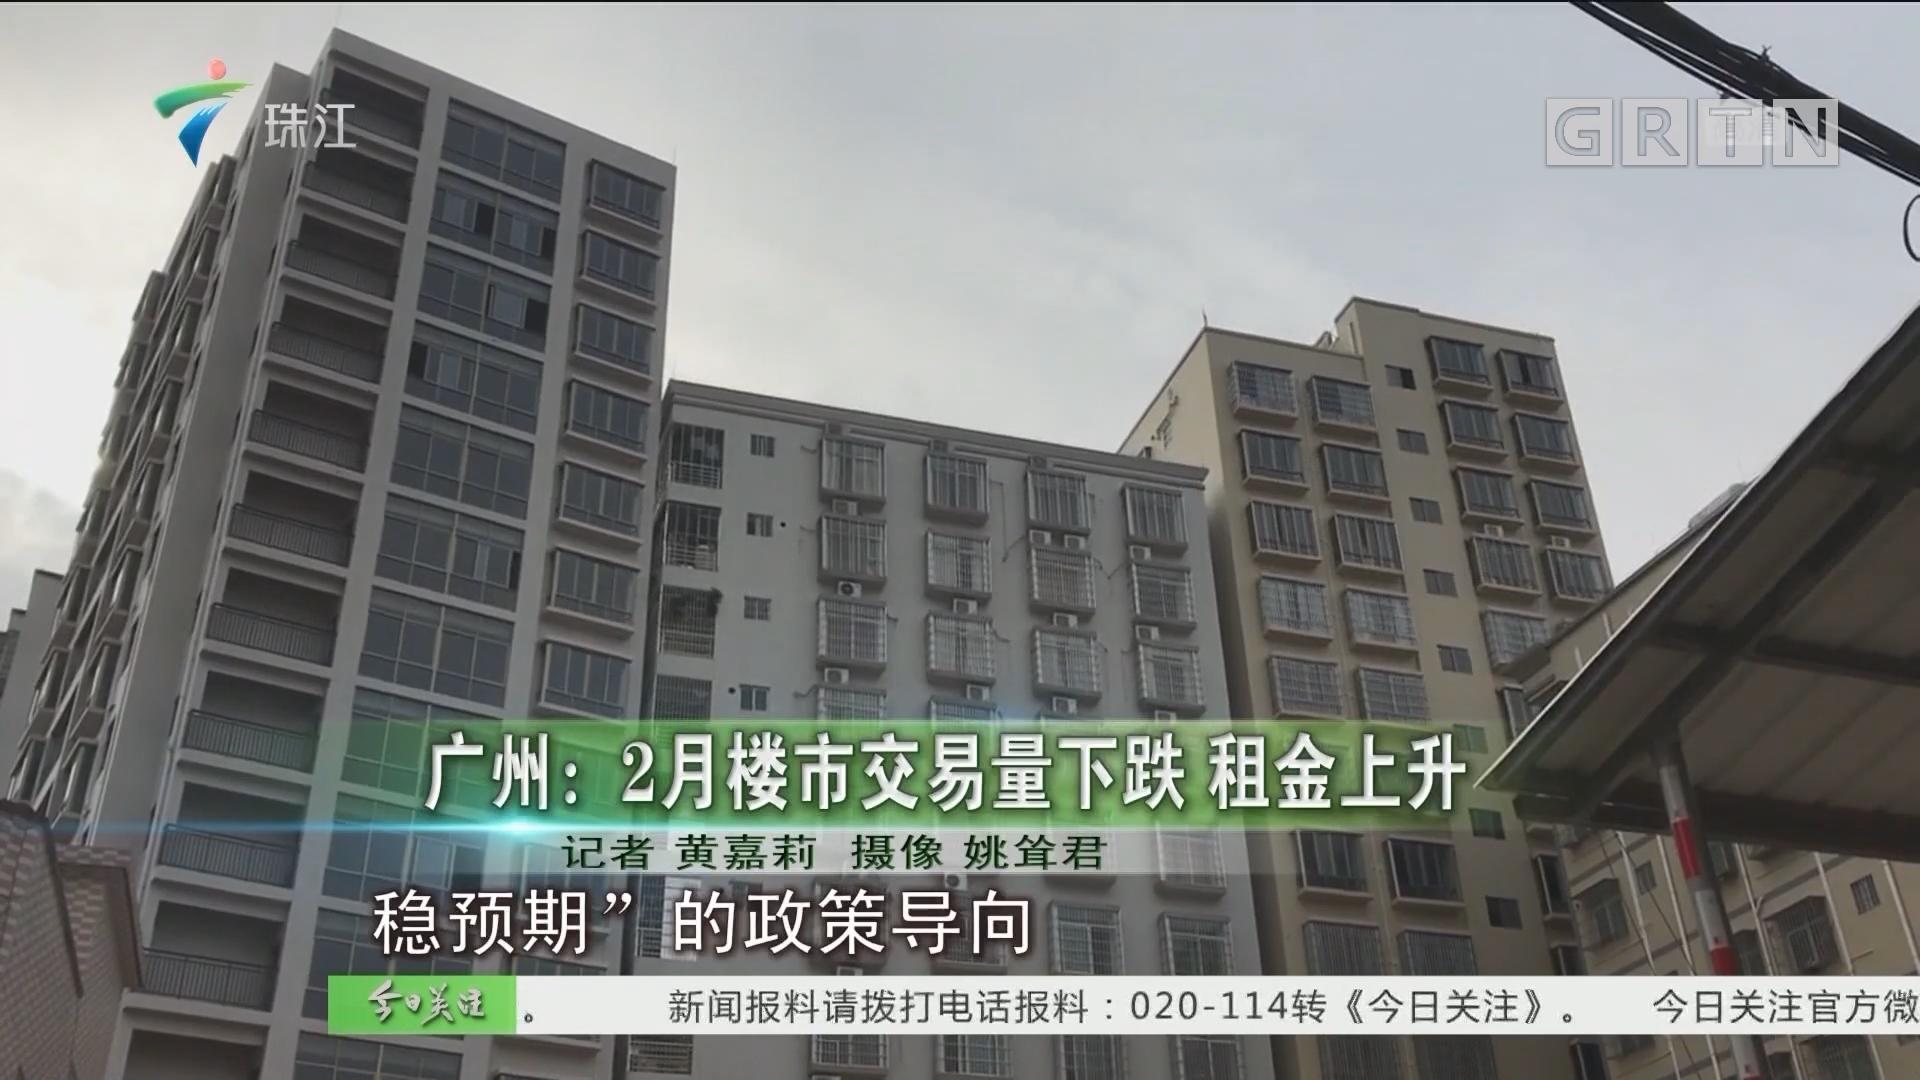 广州:2月楼市交易量下跌 租金上升